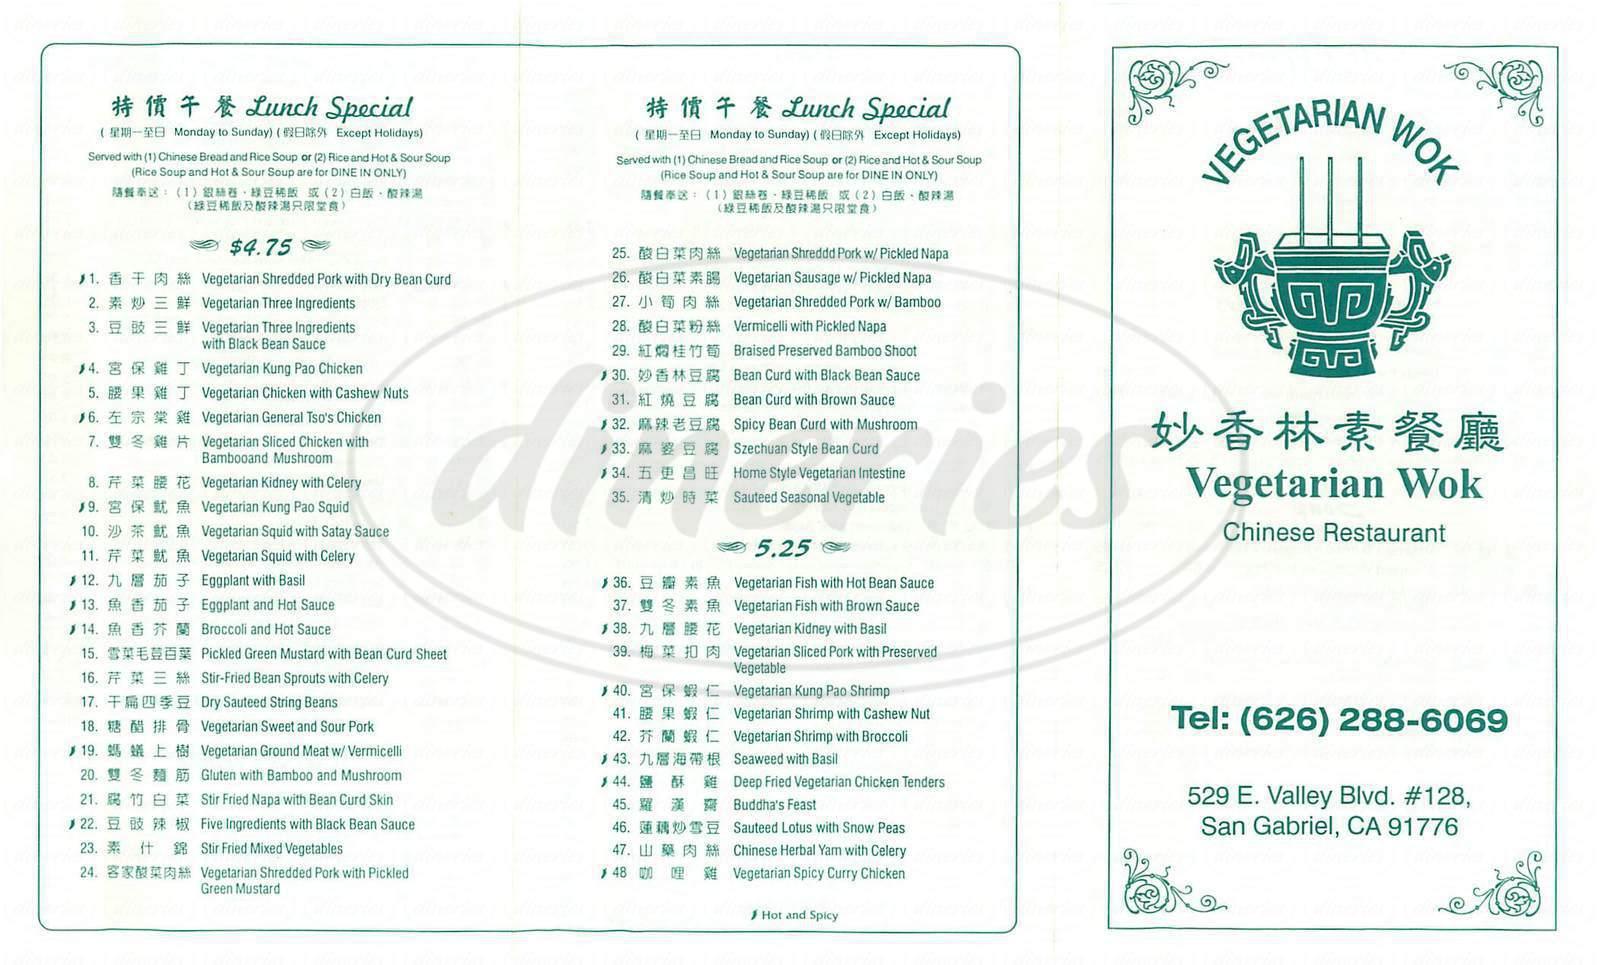 menu for Vegetarian Wok